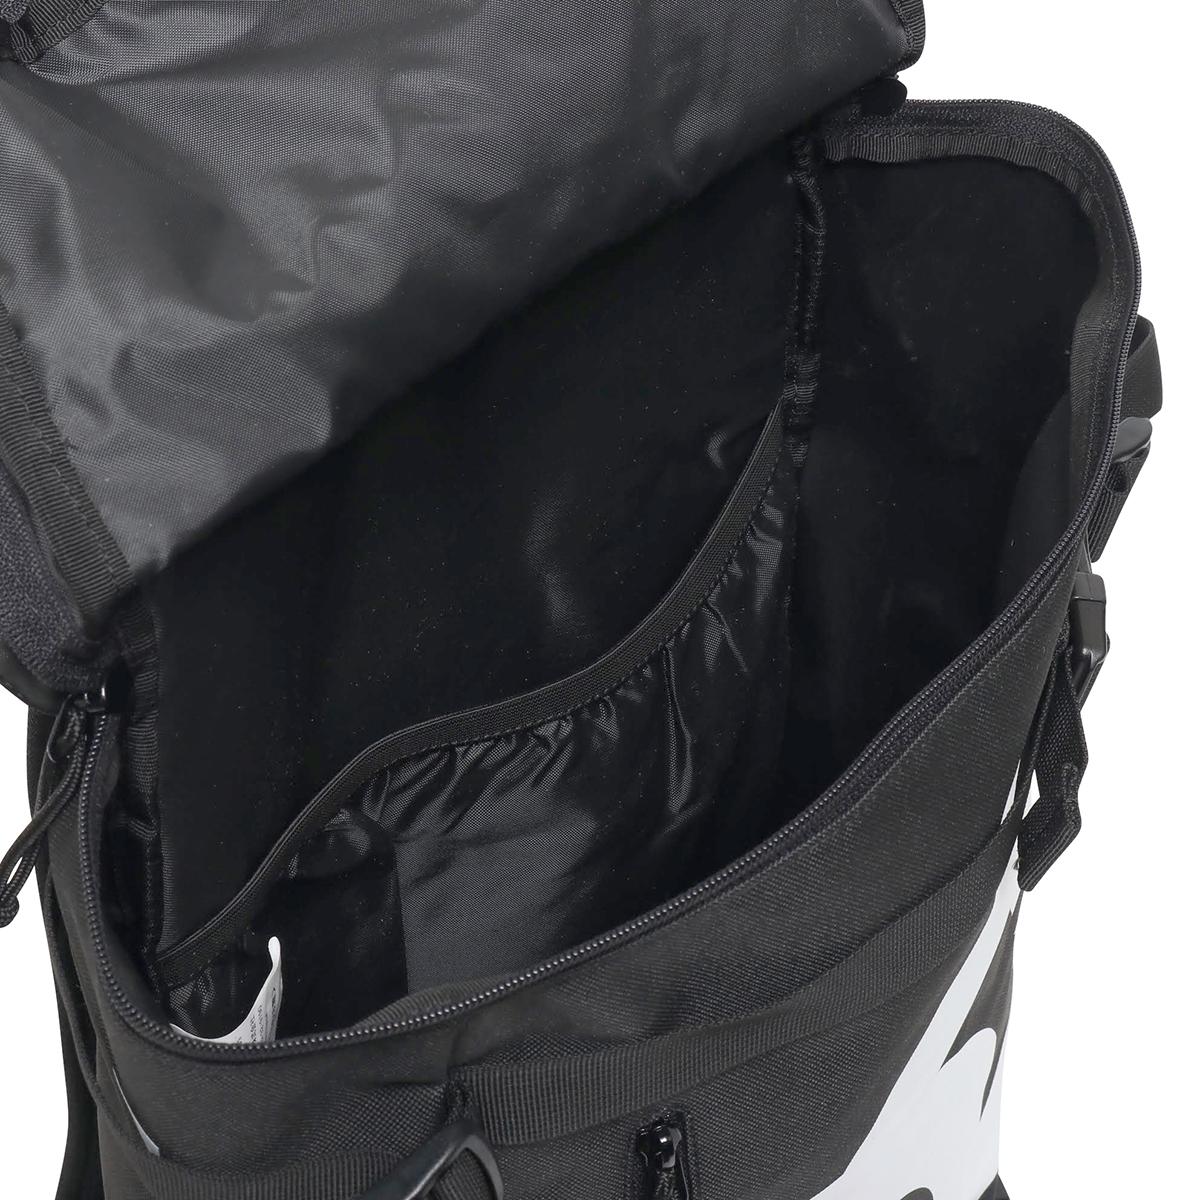 11f4c5ab8ed Kinetics: DC SHOES 19 QUONSETT (BLACK x WHITE) (D sea shoes 19 ...